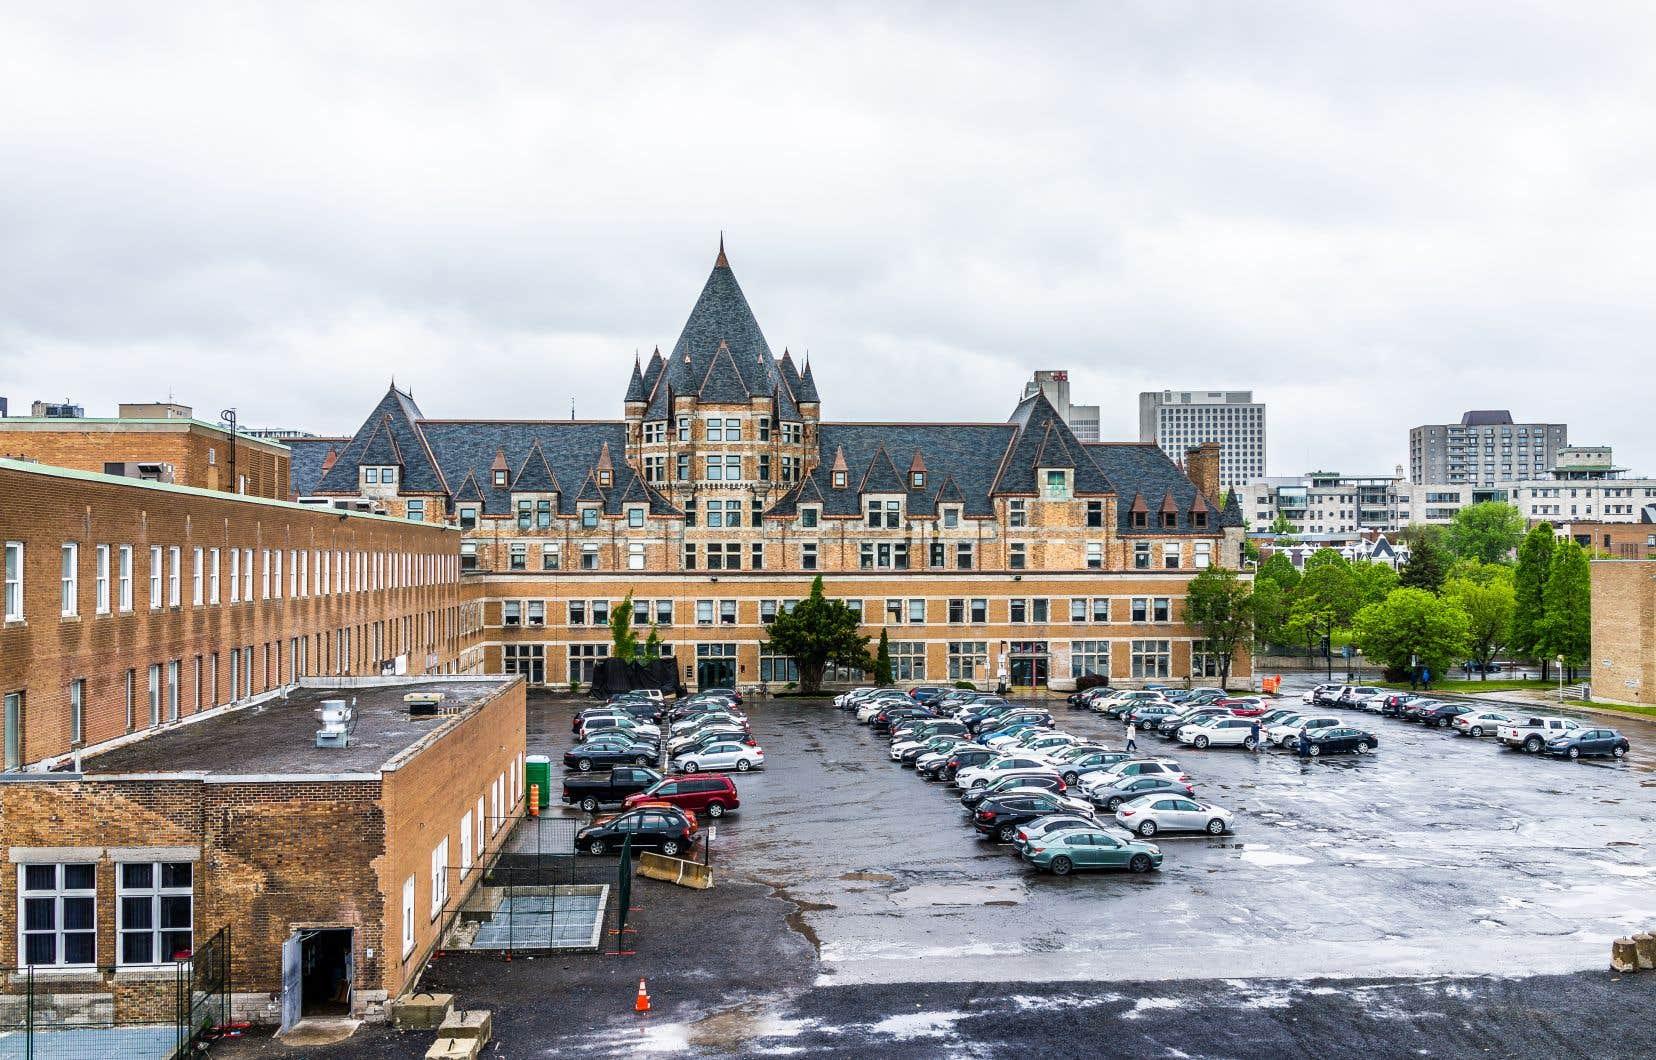 Dans les plans originaux du projet de la Gare Viger, il y avait 800 places de stationnement, mais le projet actuel n'en comporte plus que 400, souligne l'auteur.